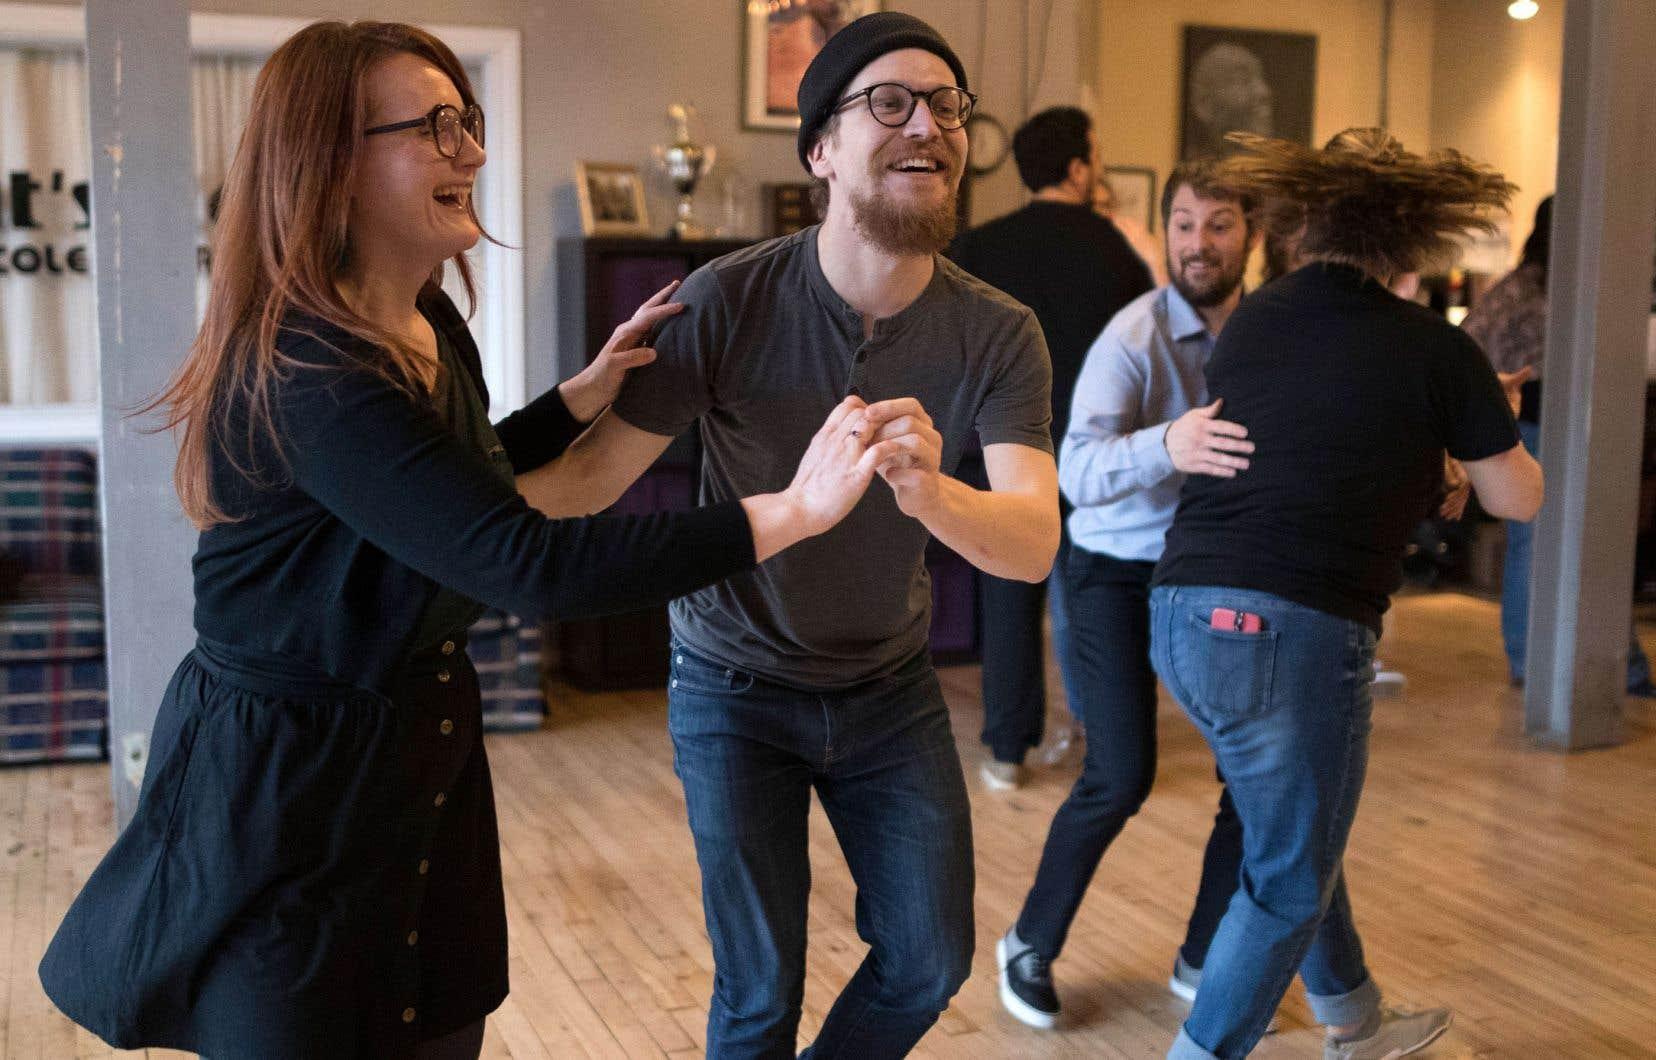 Sur des airs de vieux jazz, Sylwia Bielec et Phil Gauthier enseignent le swing et les rudiments de la joie à l'école Cat's Corner.